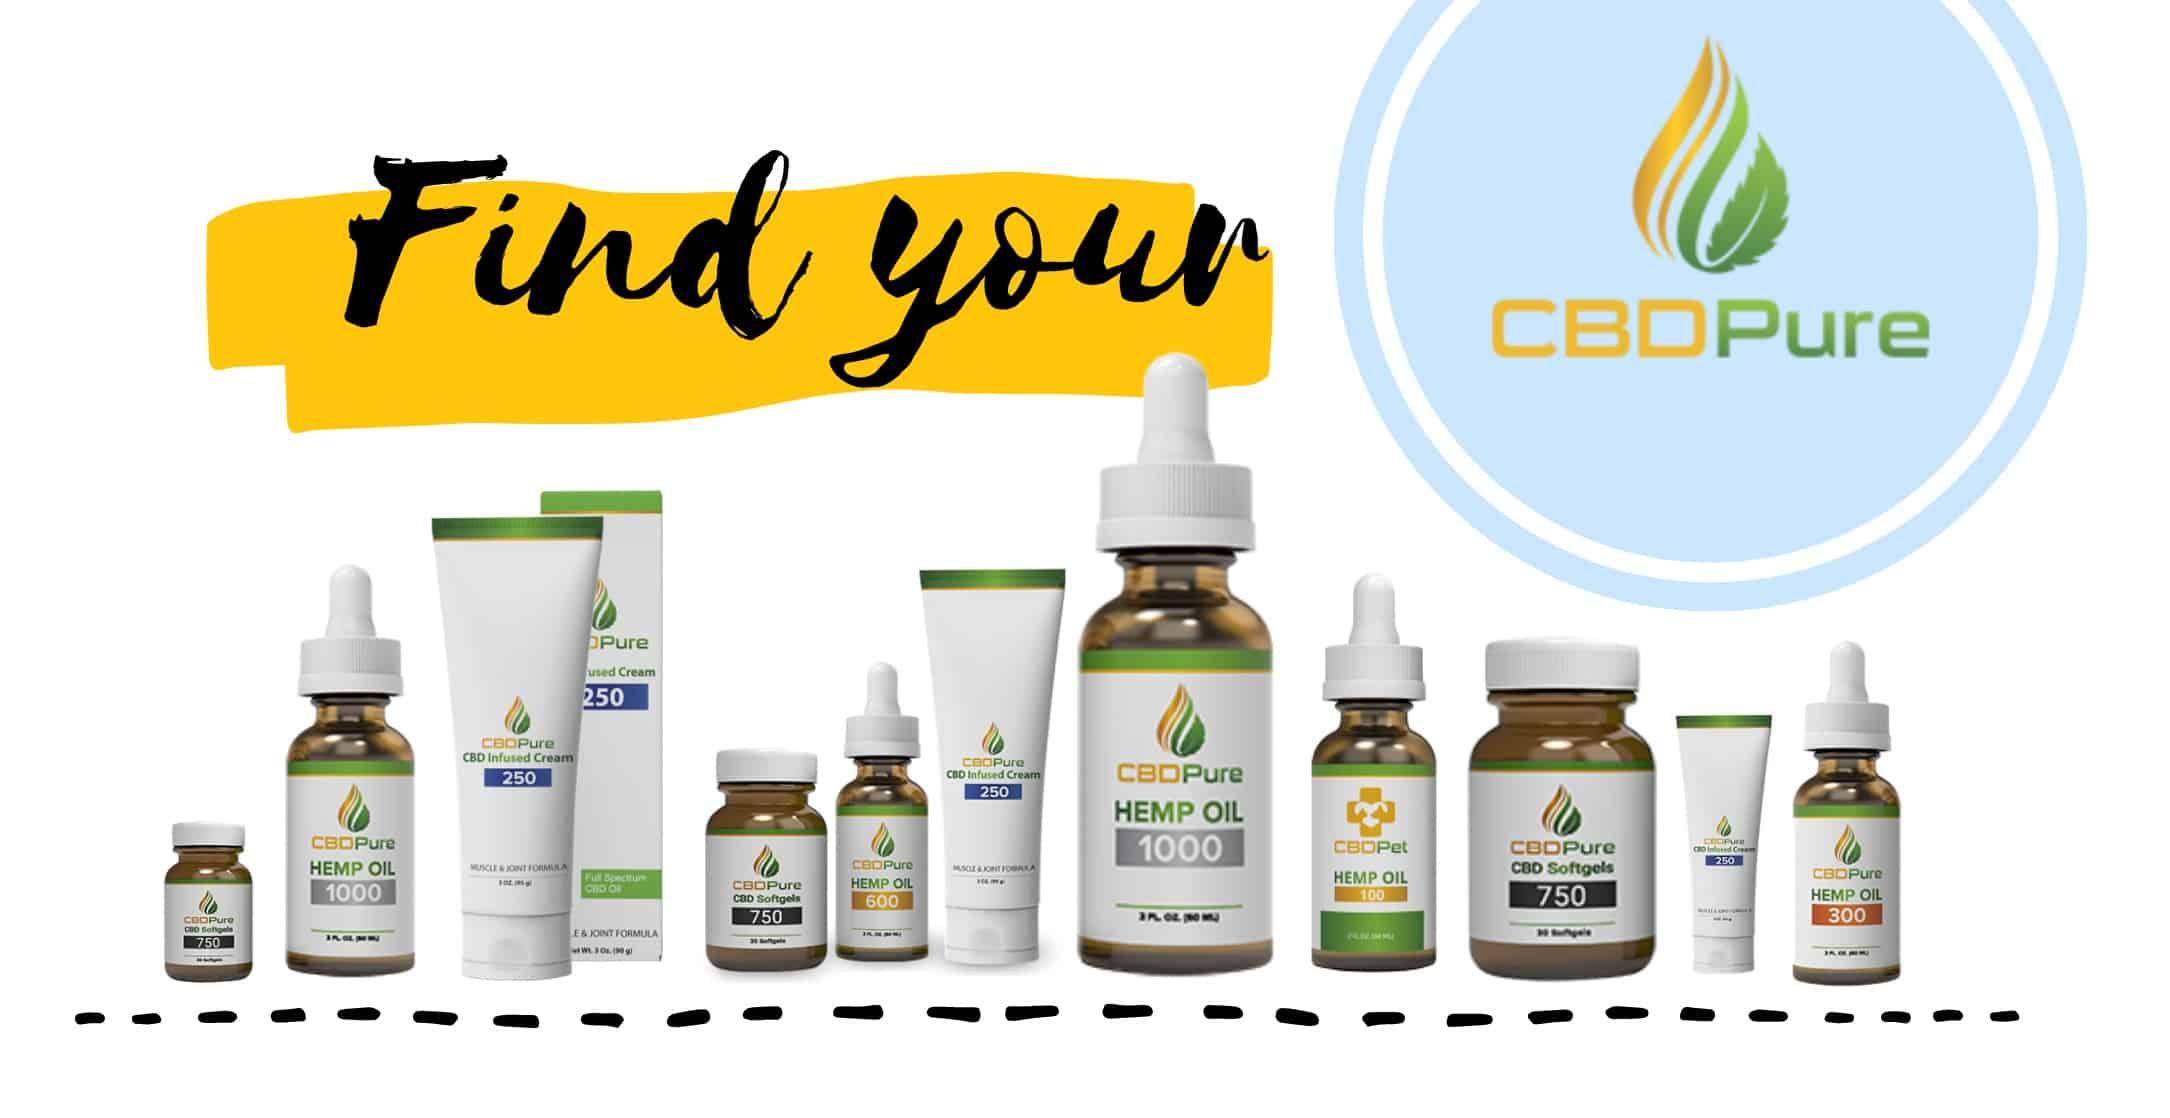 CBDPure CBD products